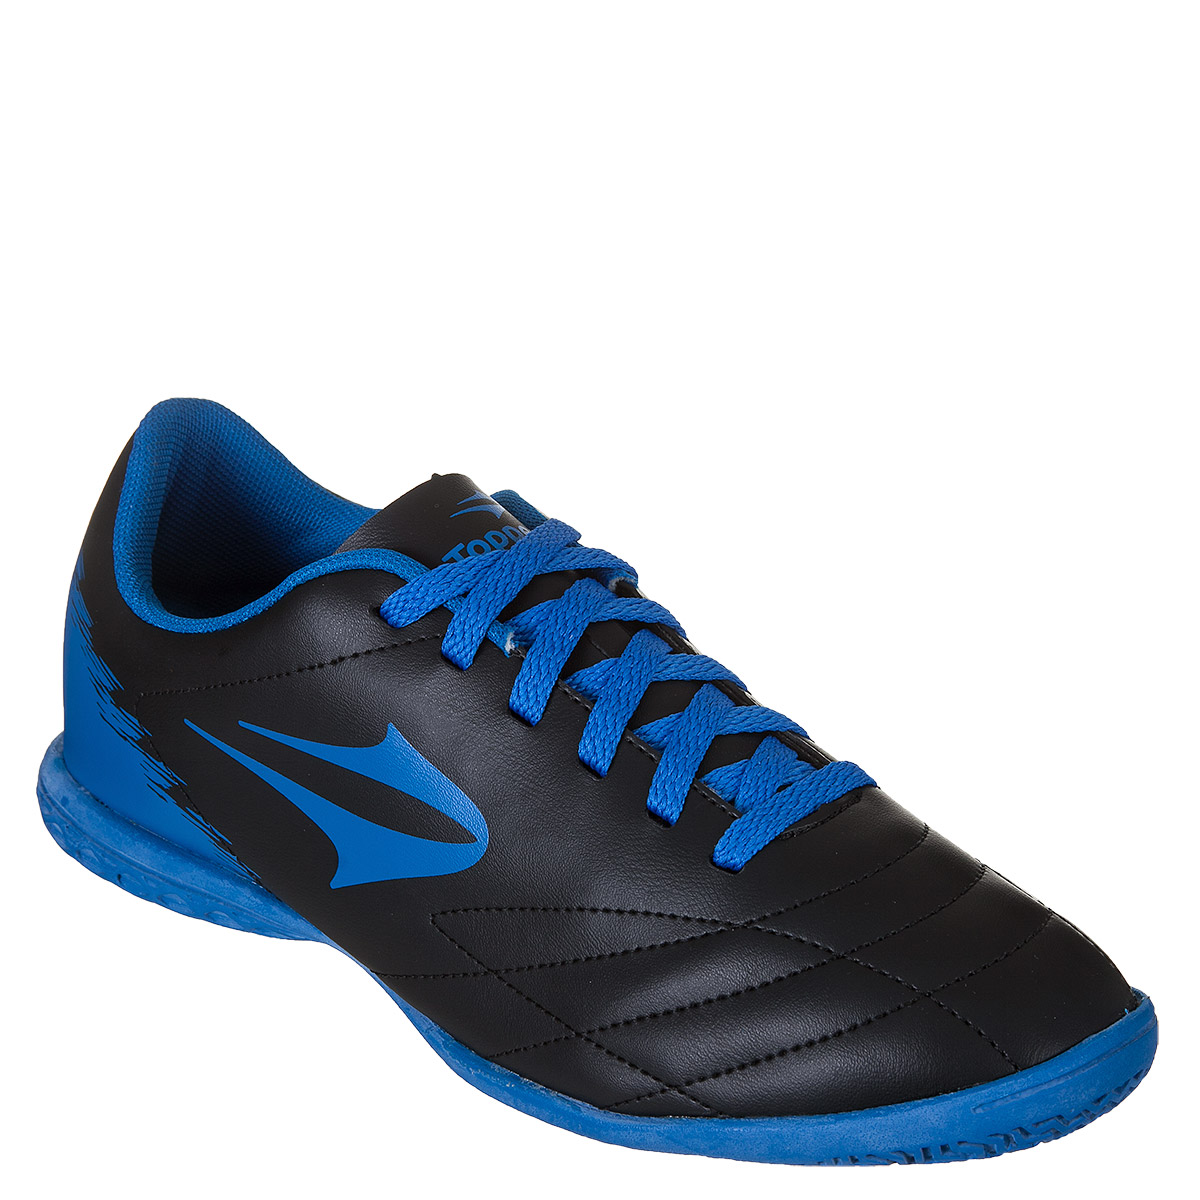 Chuteira Topper Slick 2 Futsal Masculino - Preto Azul  9cb6cec854ed5